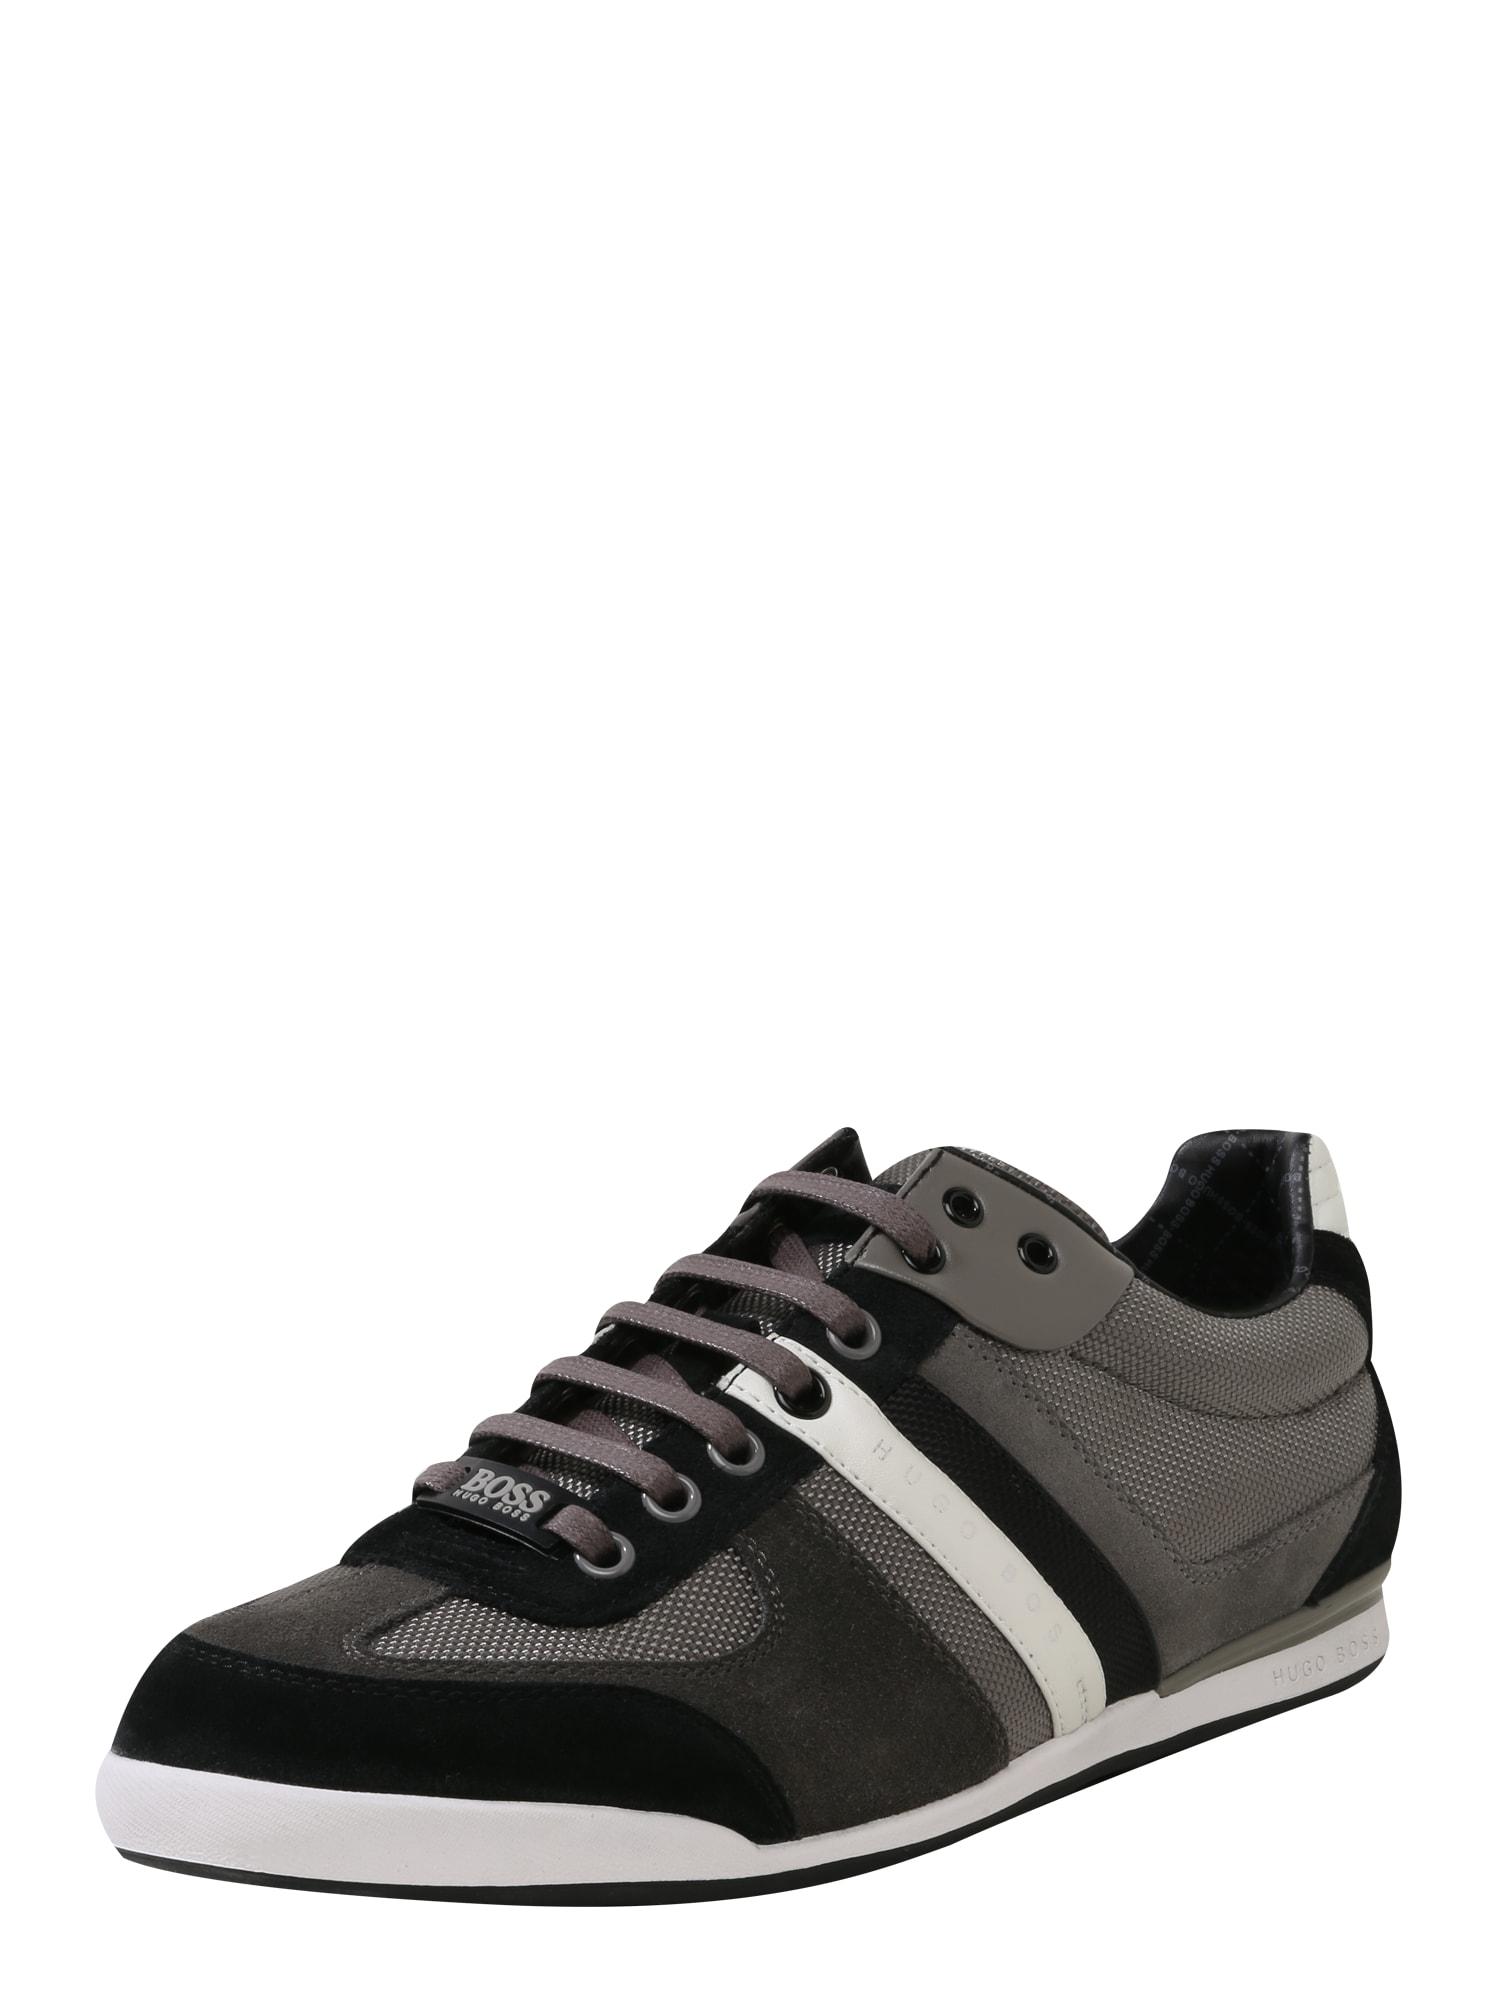 Sportovní šněrovací boty Akeen grafitová BOSS